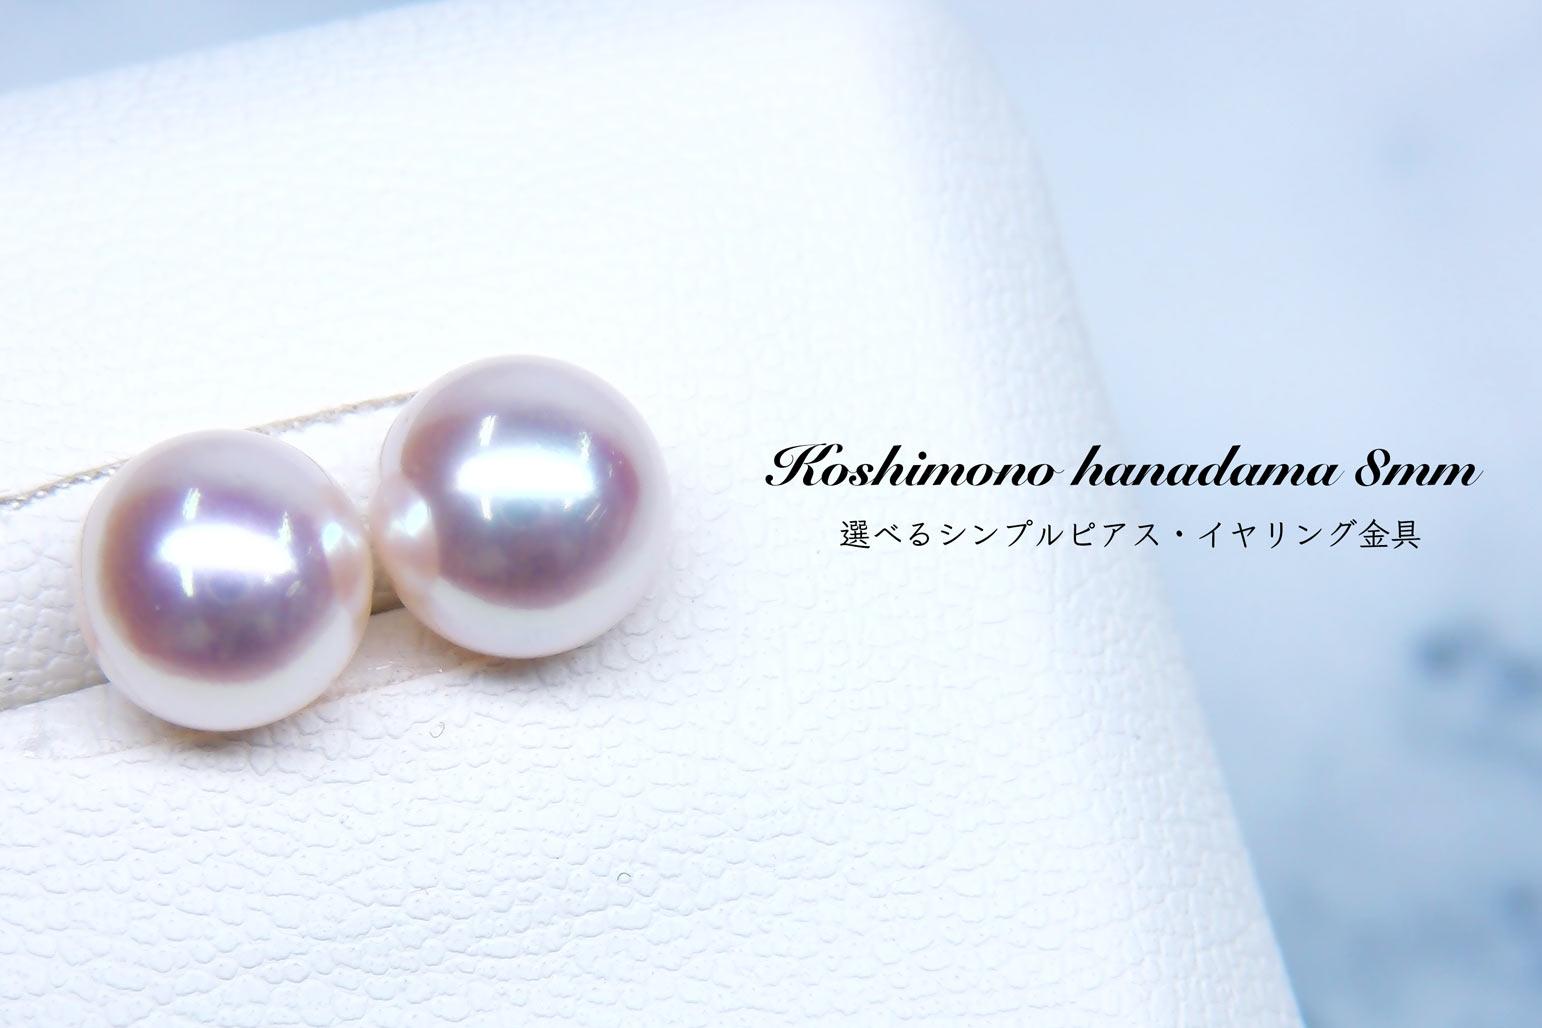 【100点満点の最高のテリ評価をご提供】越物花珠真珠イヤリング・ピアス用ペア珠